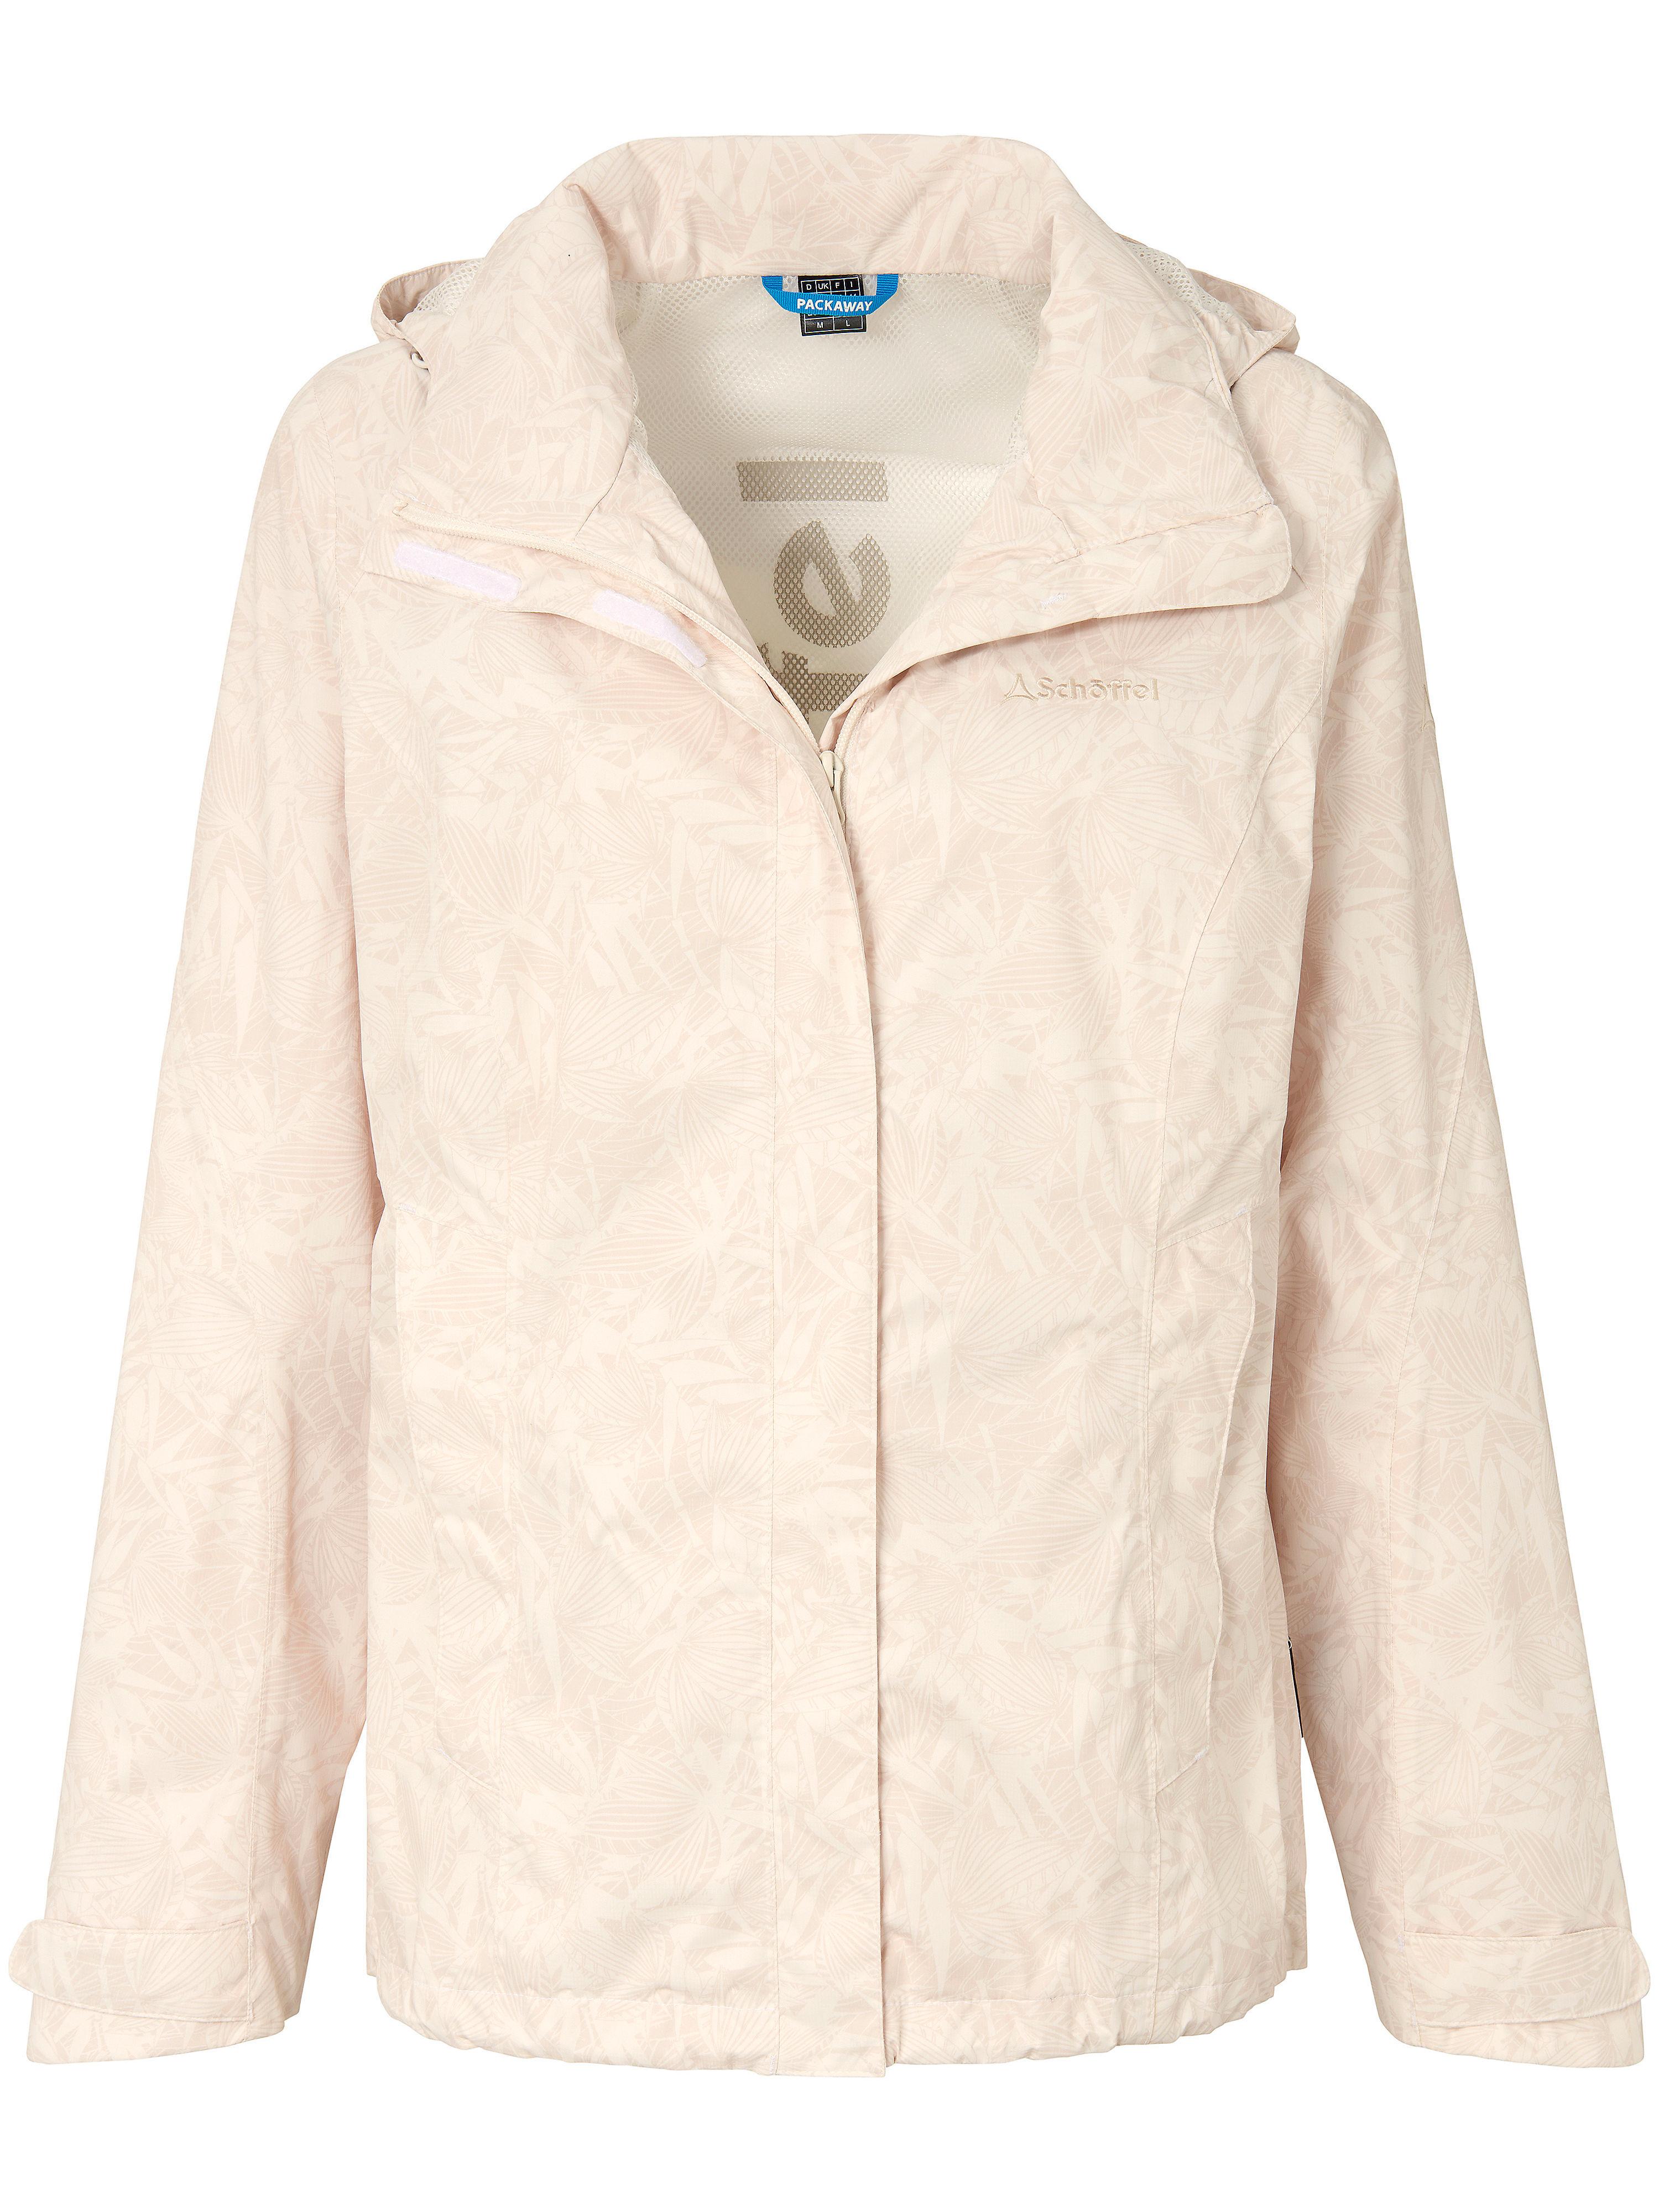 Schöffel Wasser- und Winddichte Jacke Modell Easy L3 Schöffel mehrfarbig